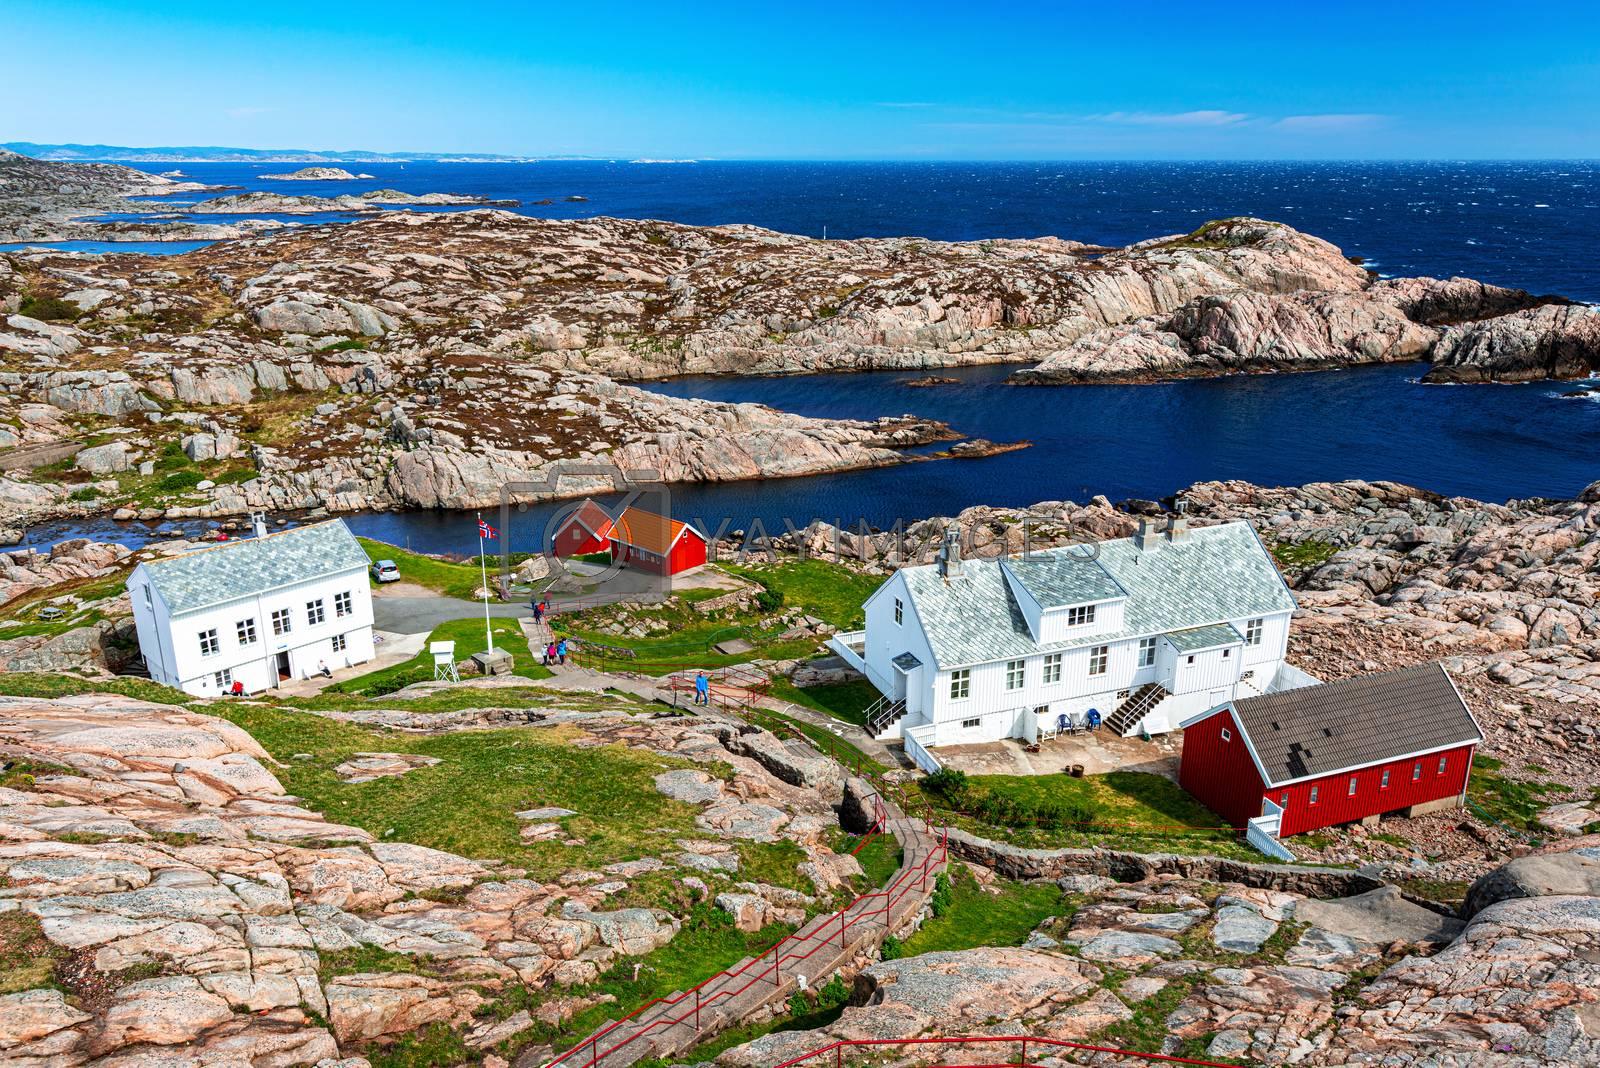 Scenic view on Norwegian coastline